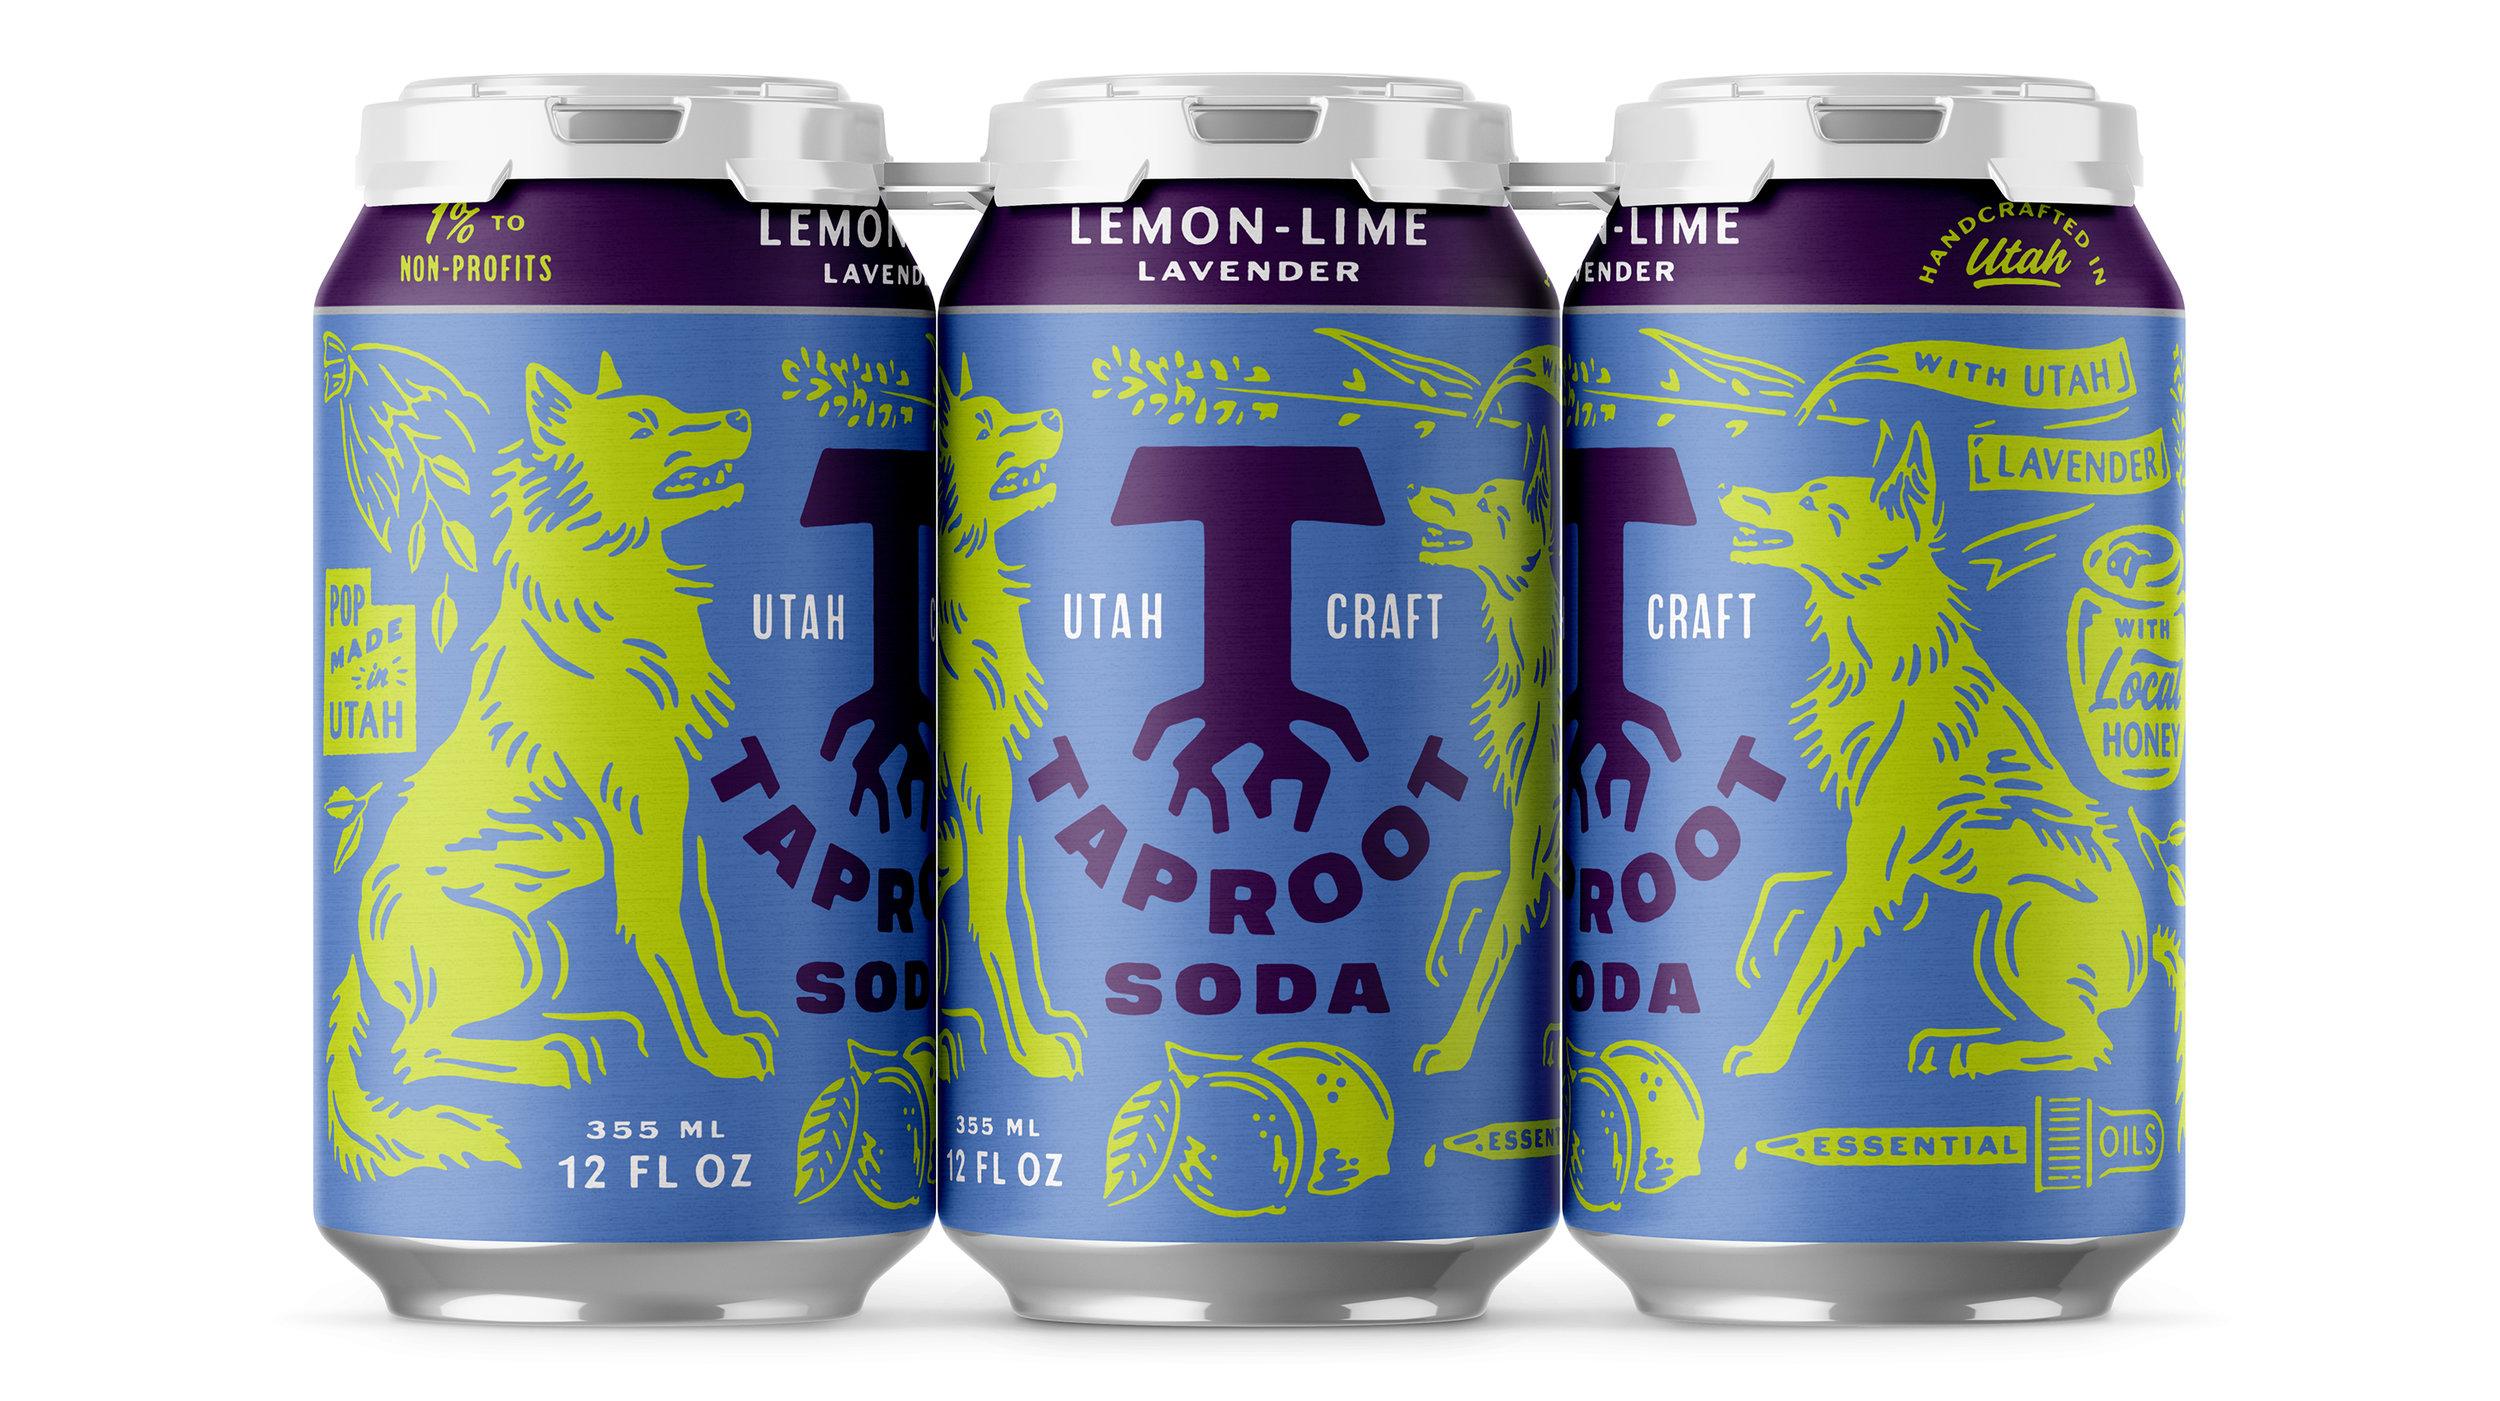 Taproot Soda Lemon-Lime Lavender Soda Packaging